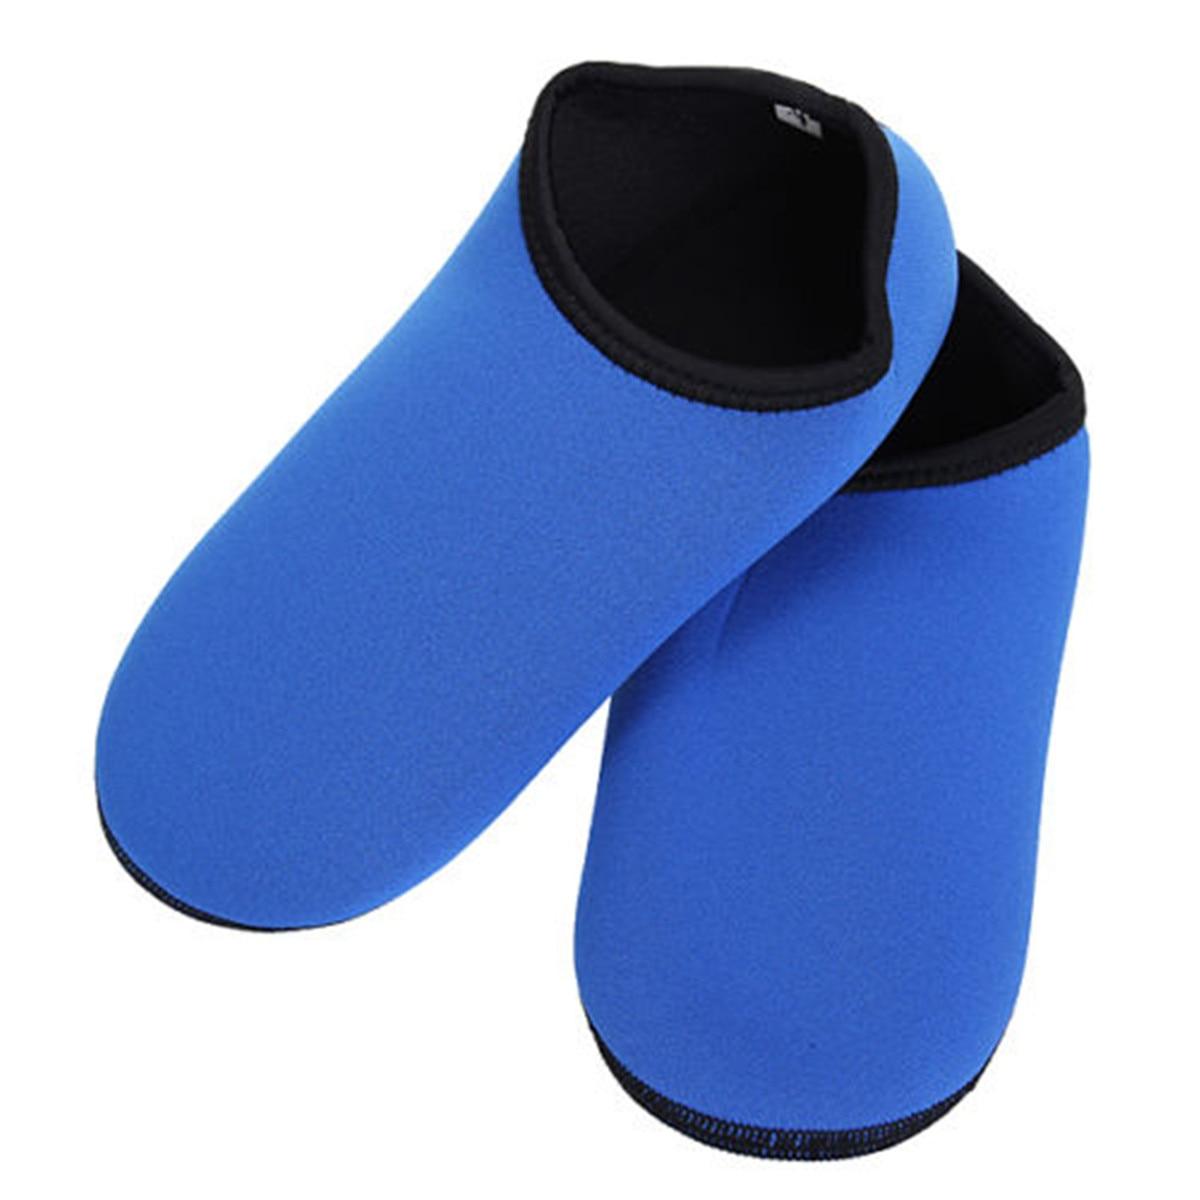 5 Размеры Новый 2.5 мм 1 пара неопрен, дайвинг Носки для девочек Одежда заплыва дайвинг подводное плавание Спортивные носки домашняя обувь Лыж...